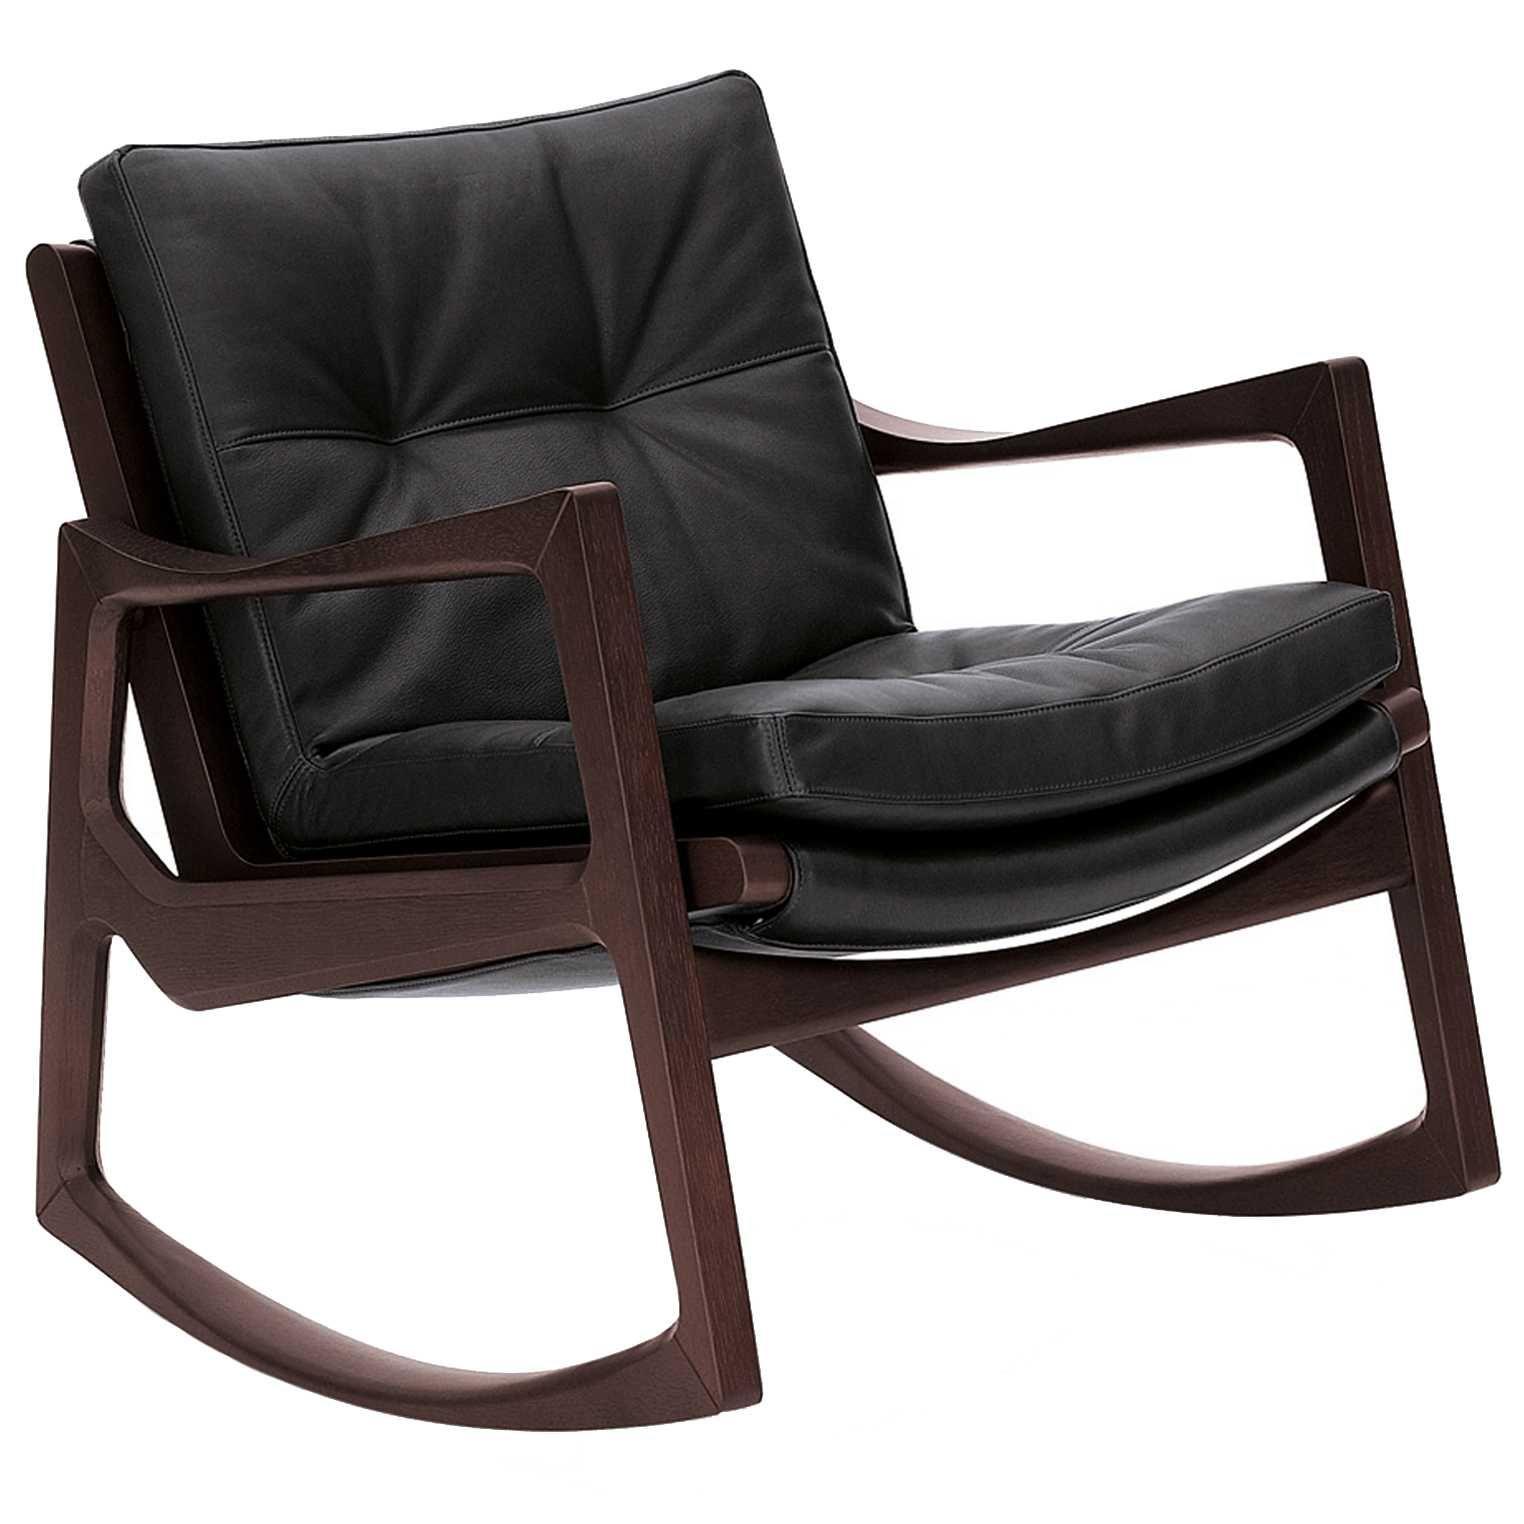 Schommelstoel Voor Buiten Te Koop.Aanbieding Schommelstoelen Van Fermob Normann Copenhagen Beliani